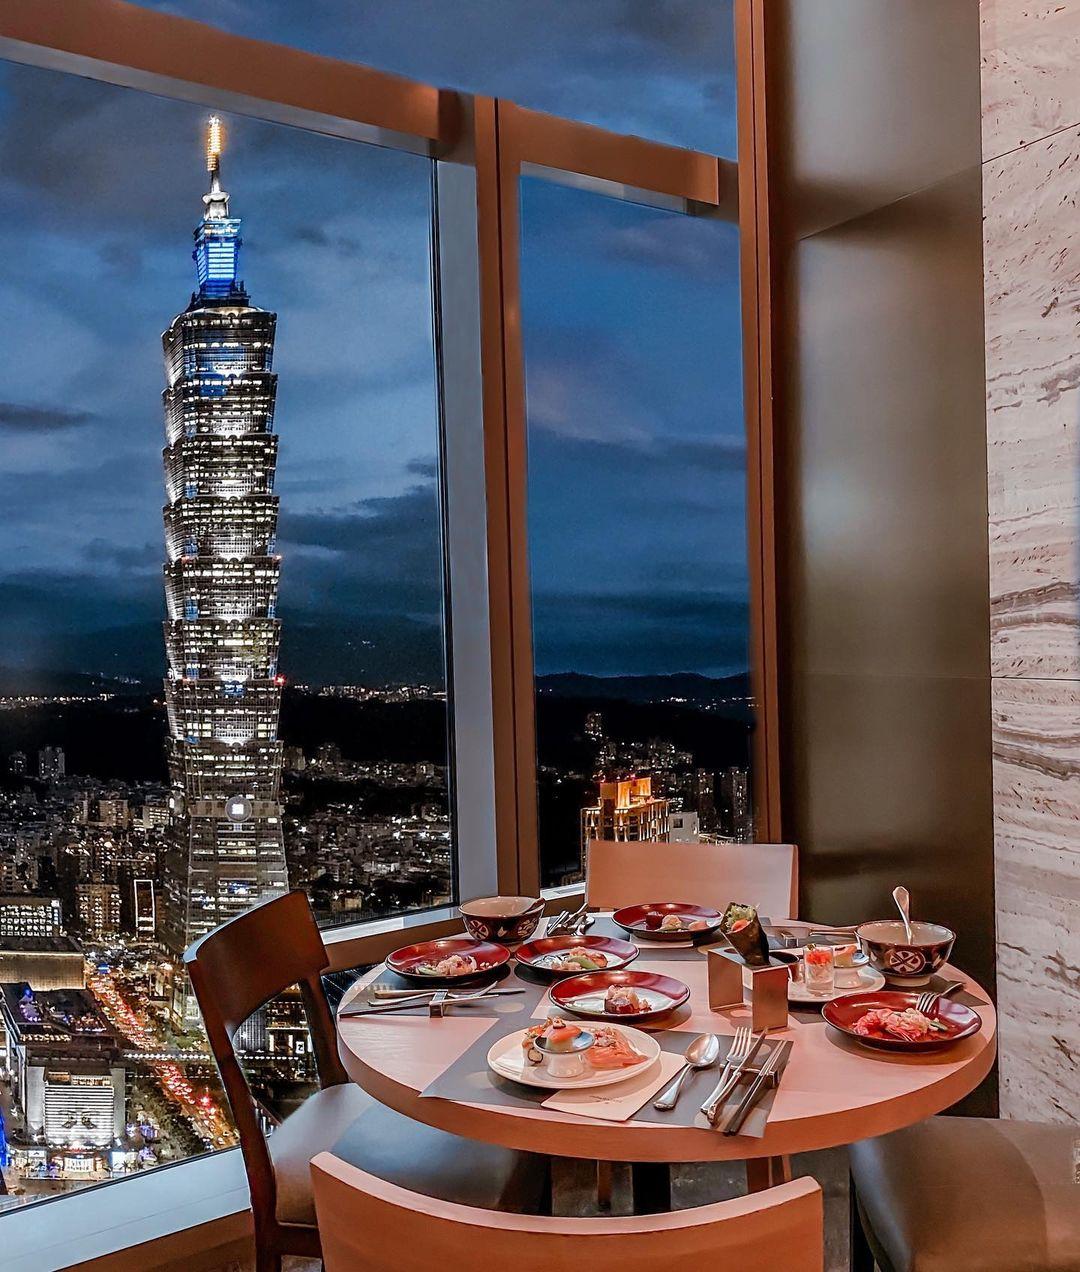 台北跨年2021活動,台北跨年餐廳2021推薦,101煙火最美觀賞地點,翠湖饗饗